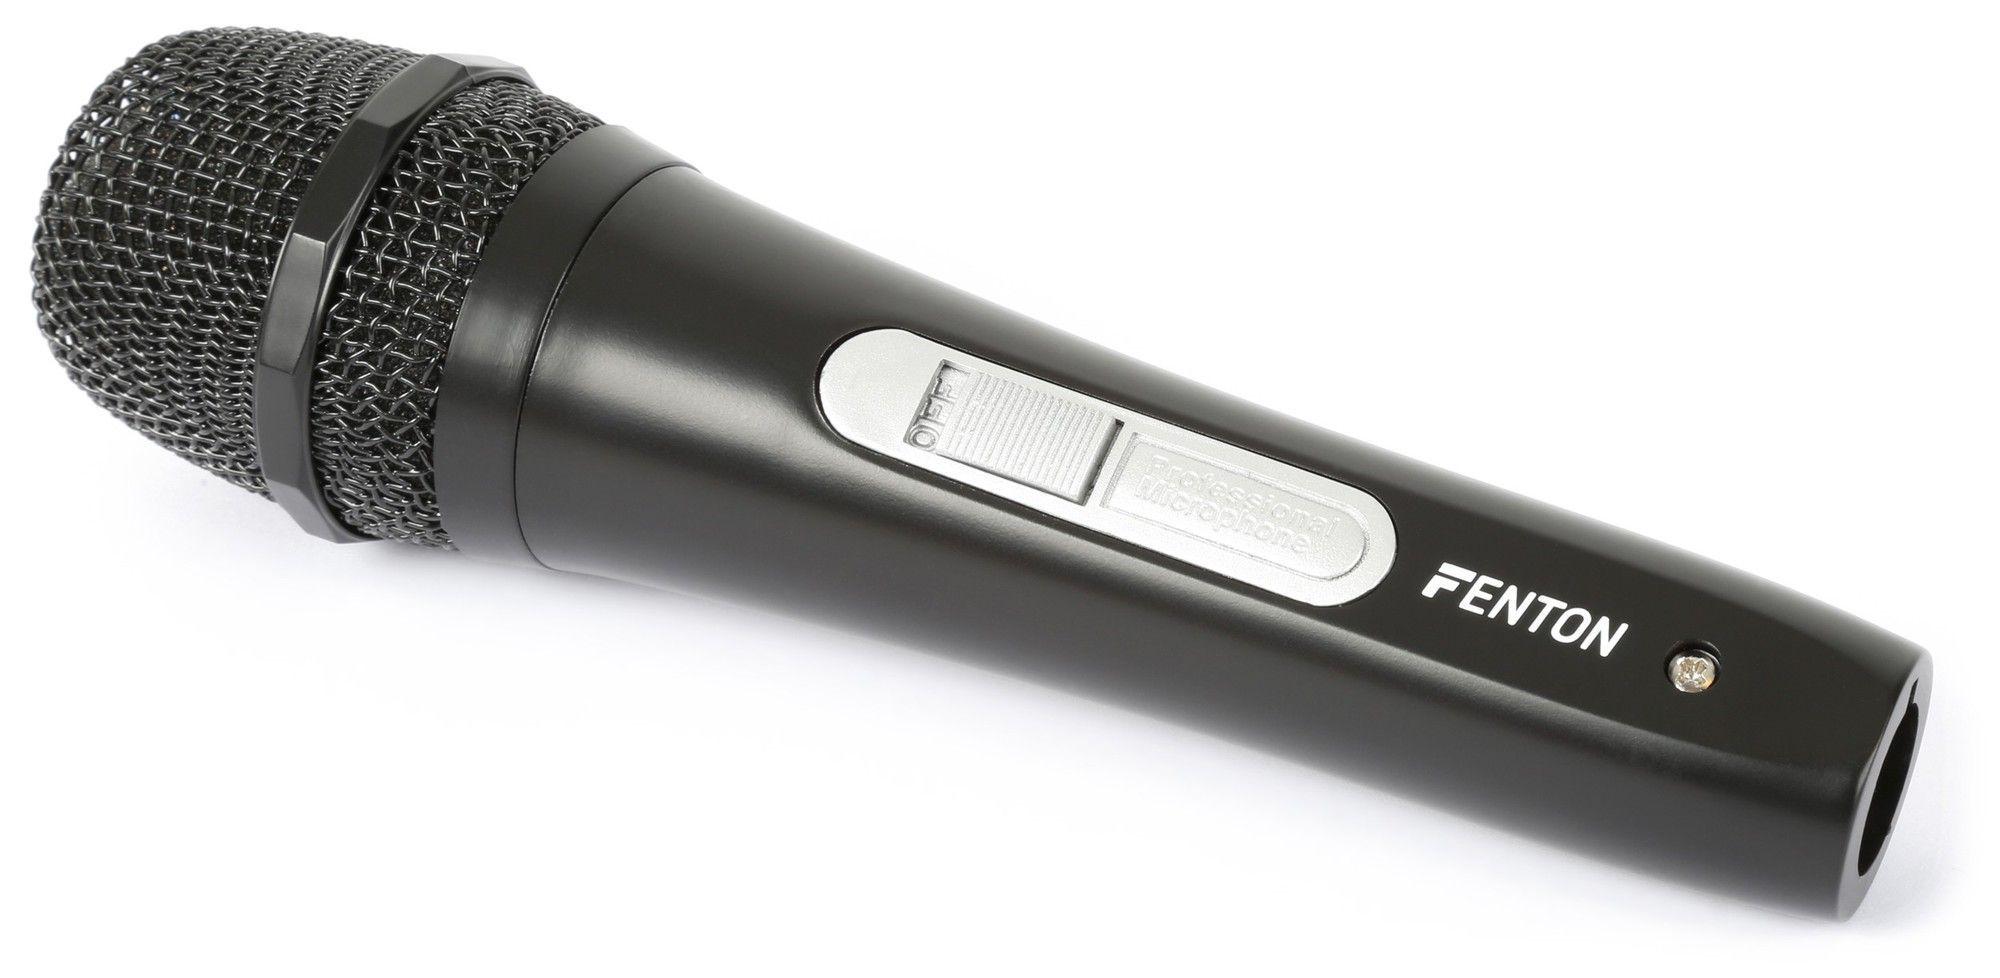 Afbeelding van Fenton DM110 Dynamische microfoon met XLR aansluiting en kabel...